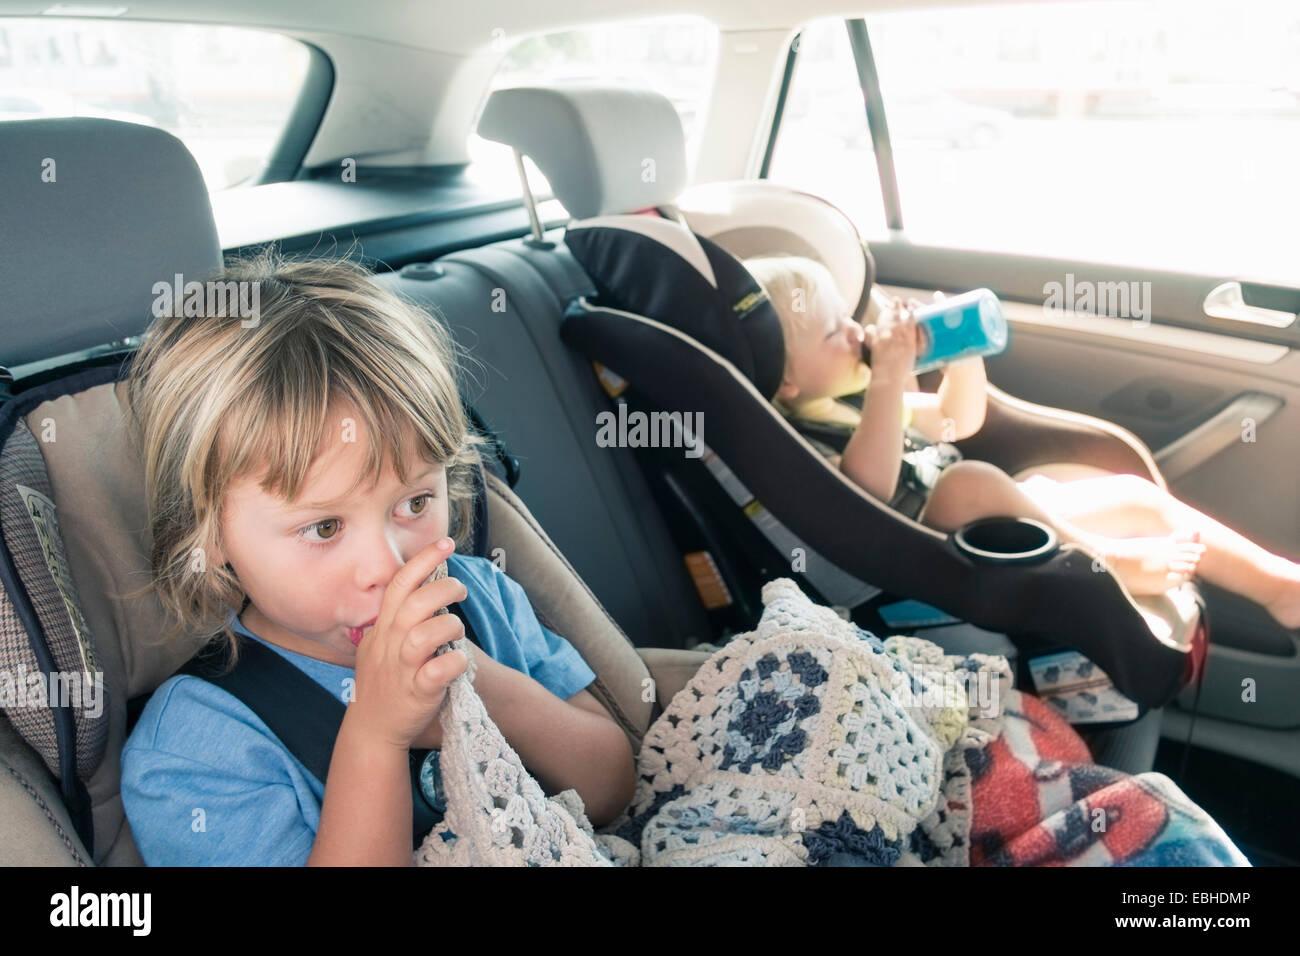 Dos niños en asientos de automóviles Imagen De Stock